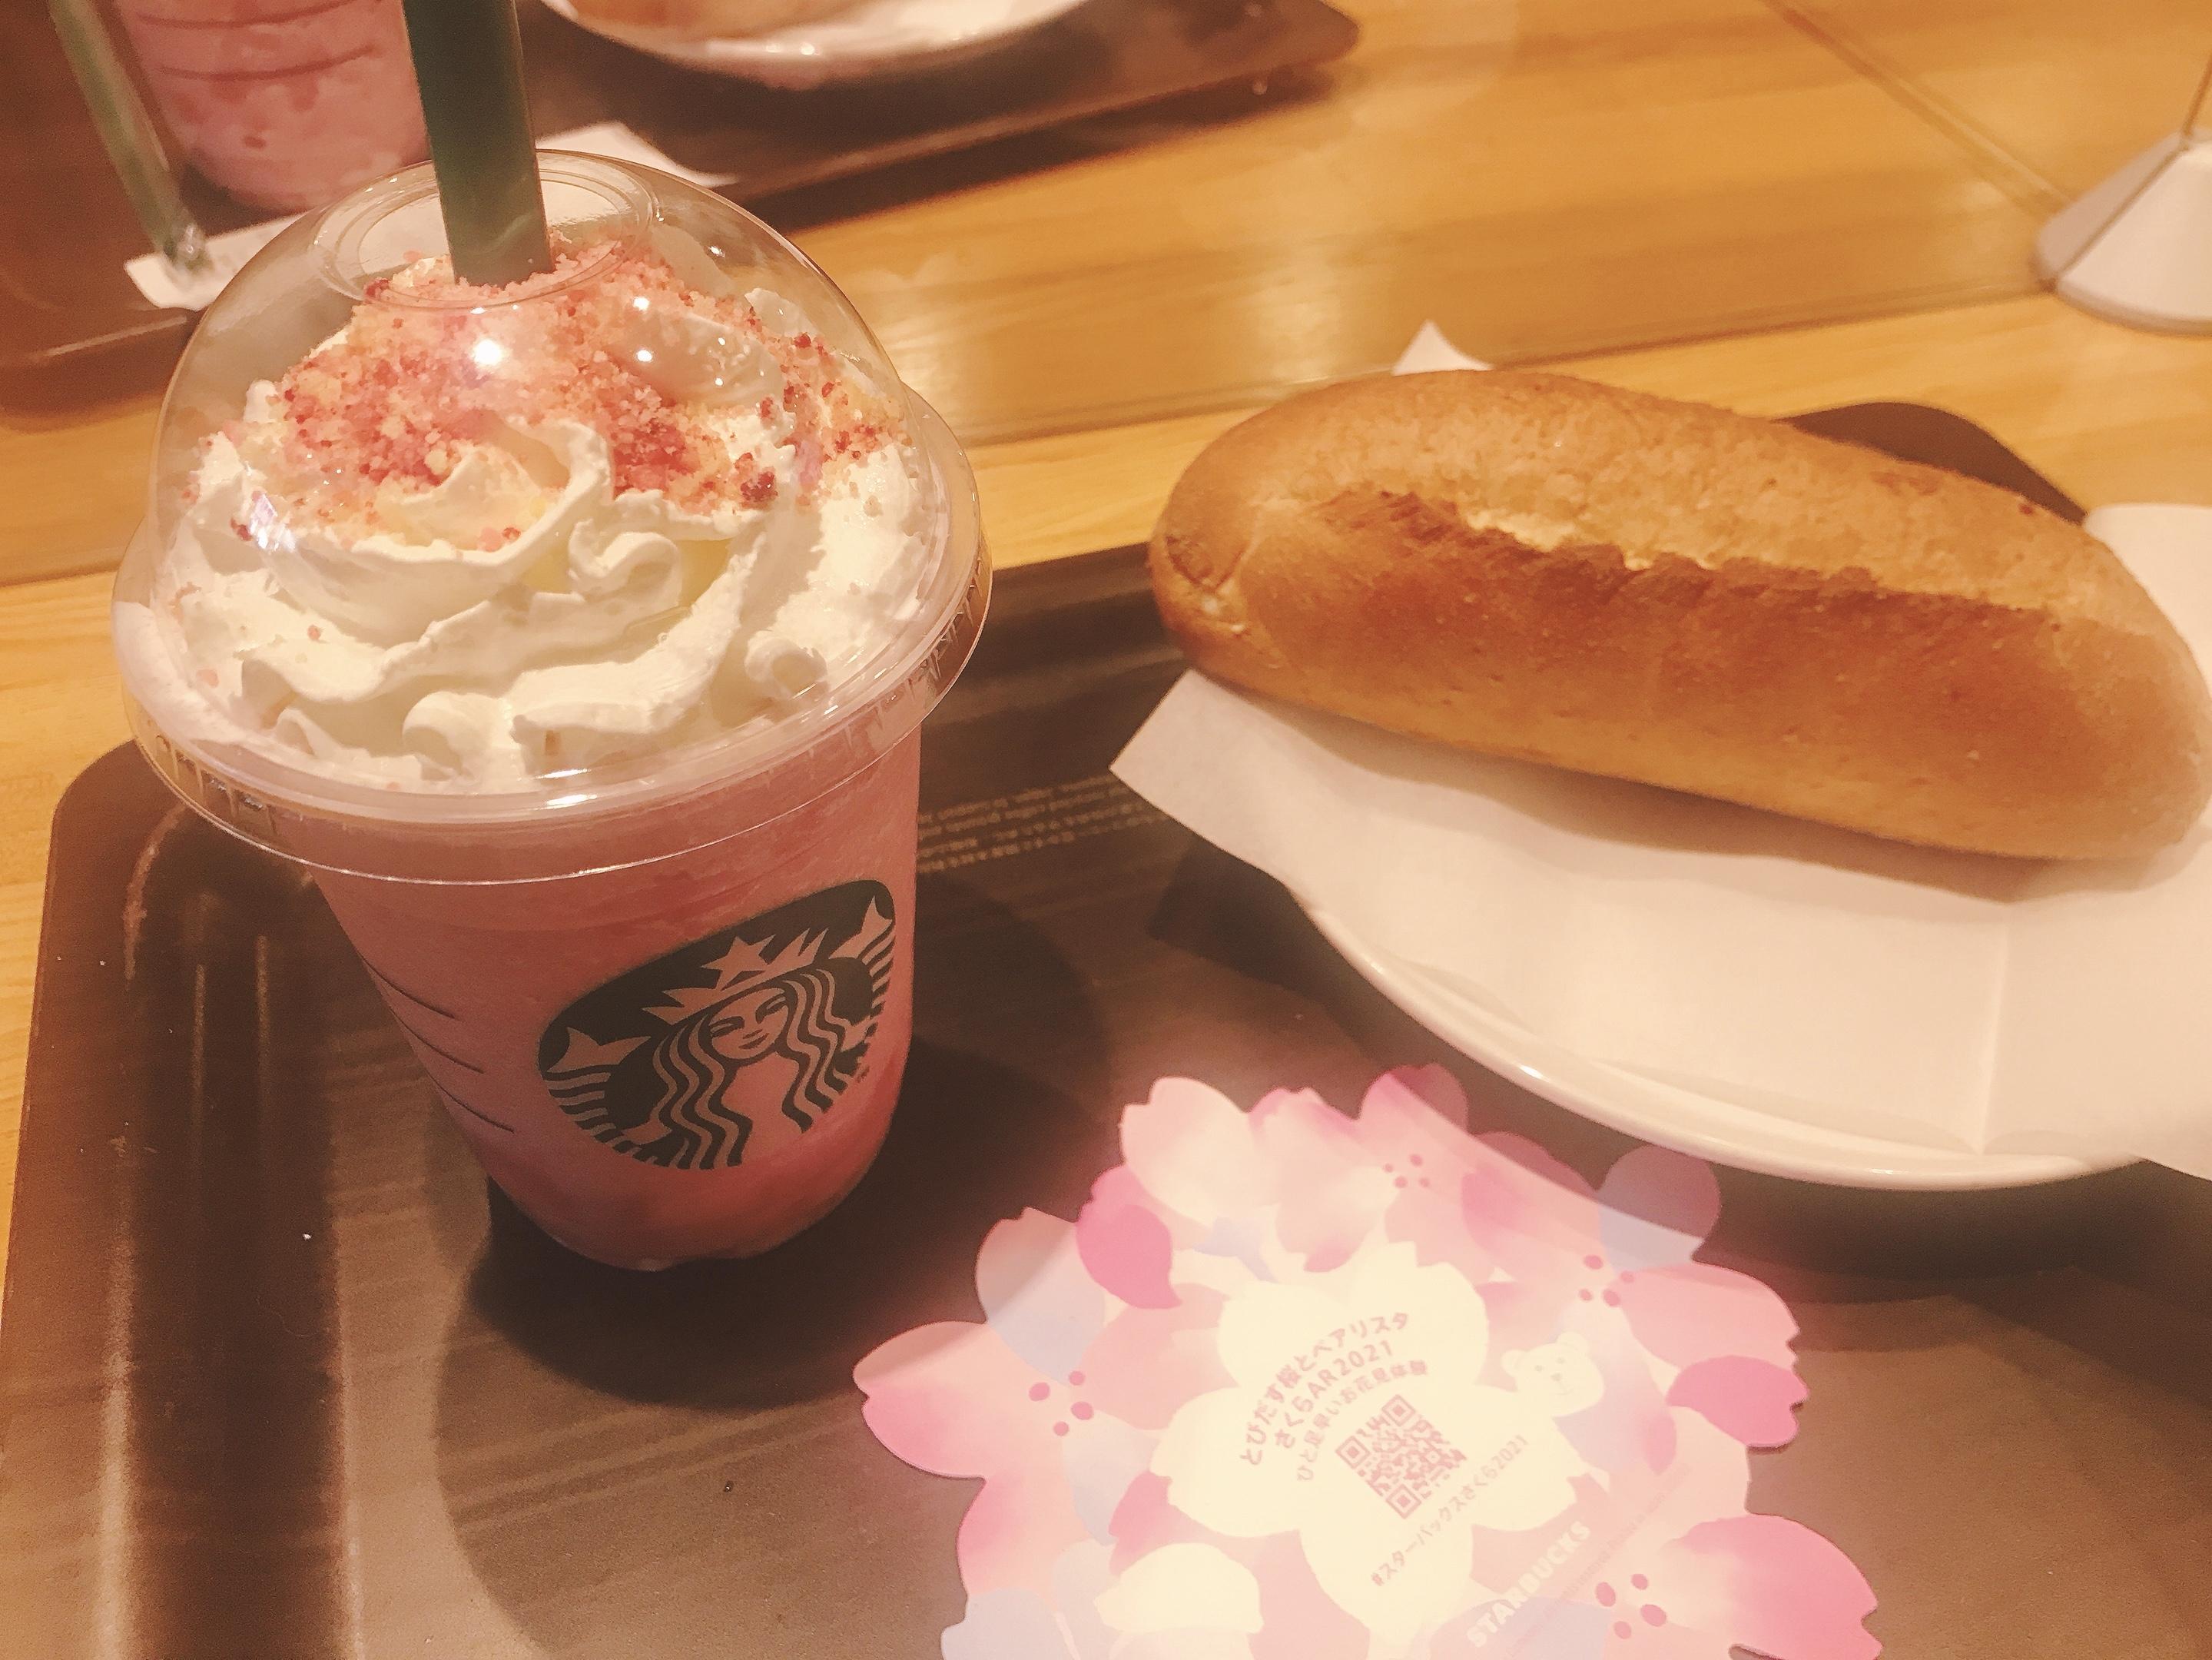 【スタバのさくら第2段】ピンクが可愛い♡ さくら咲いた ベリー フラペチーノ✿✿✿_4